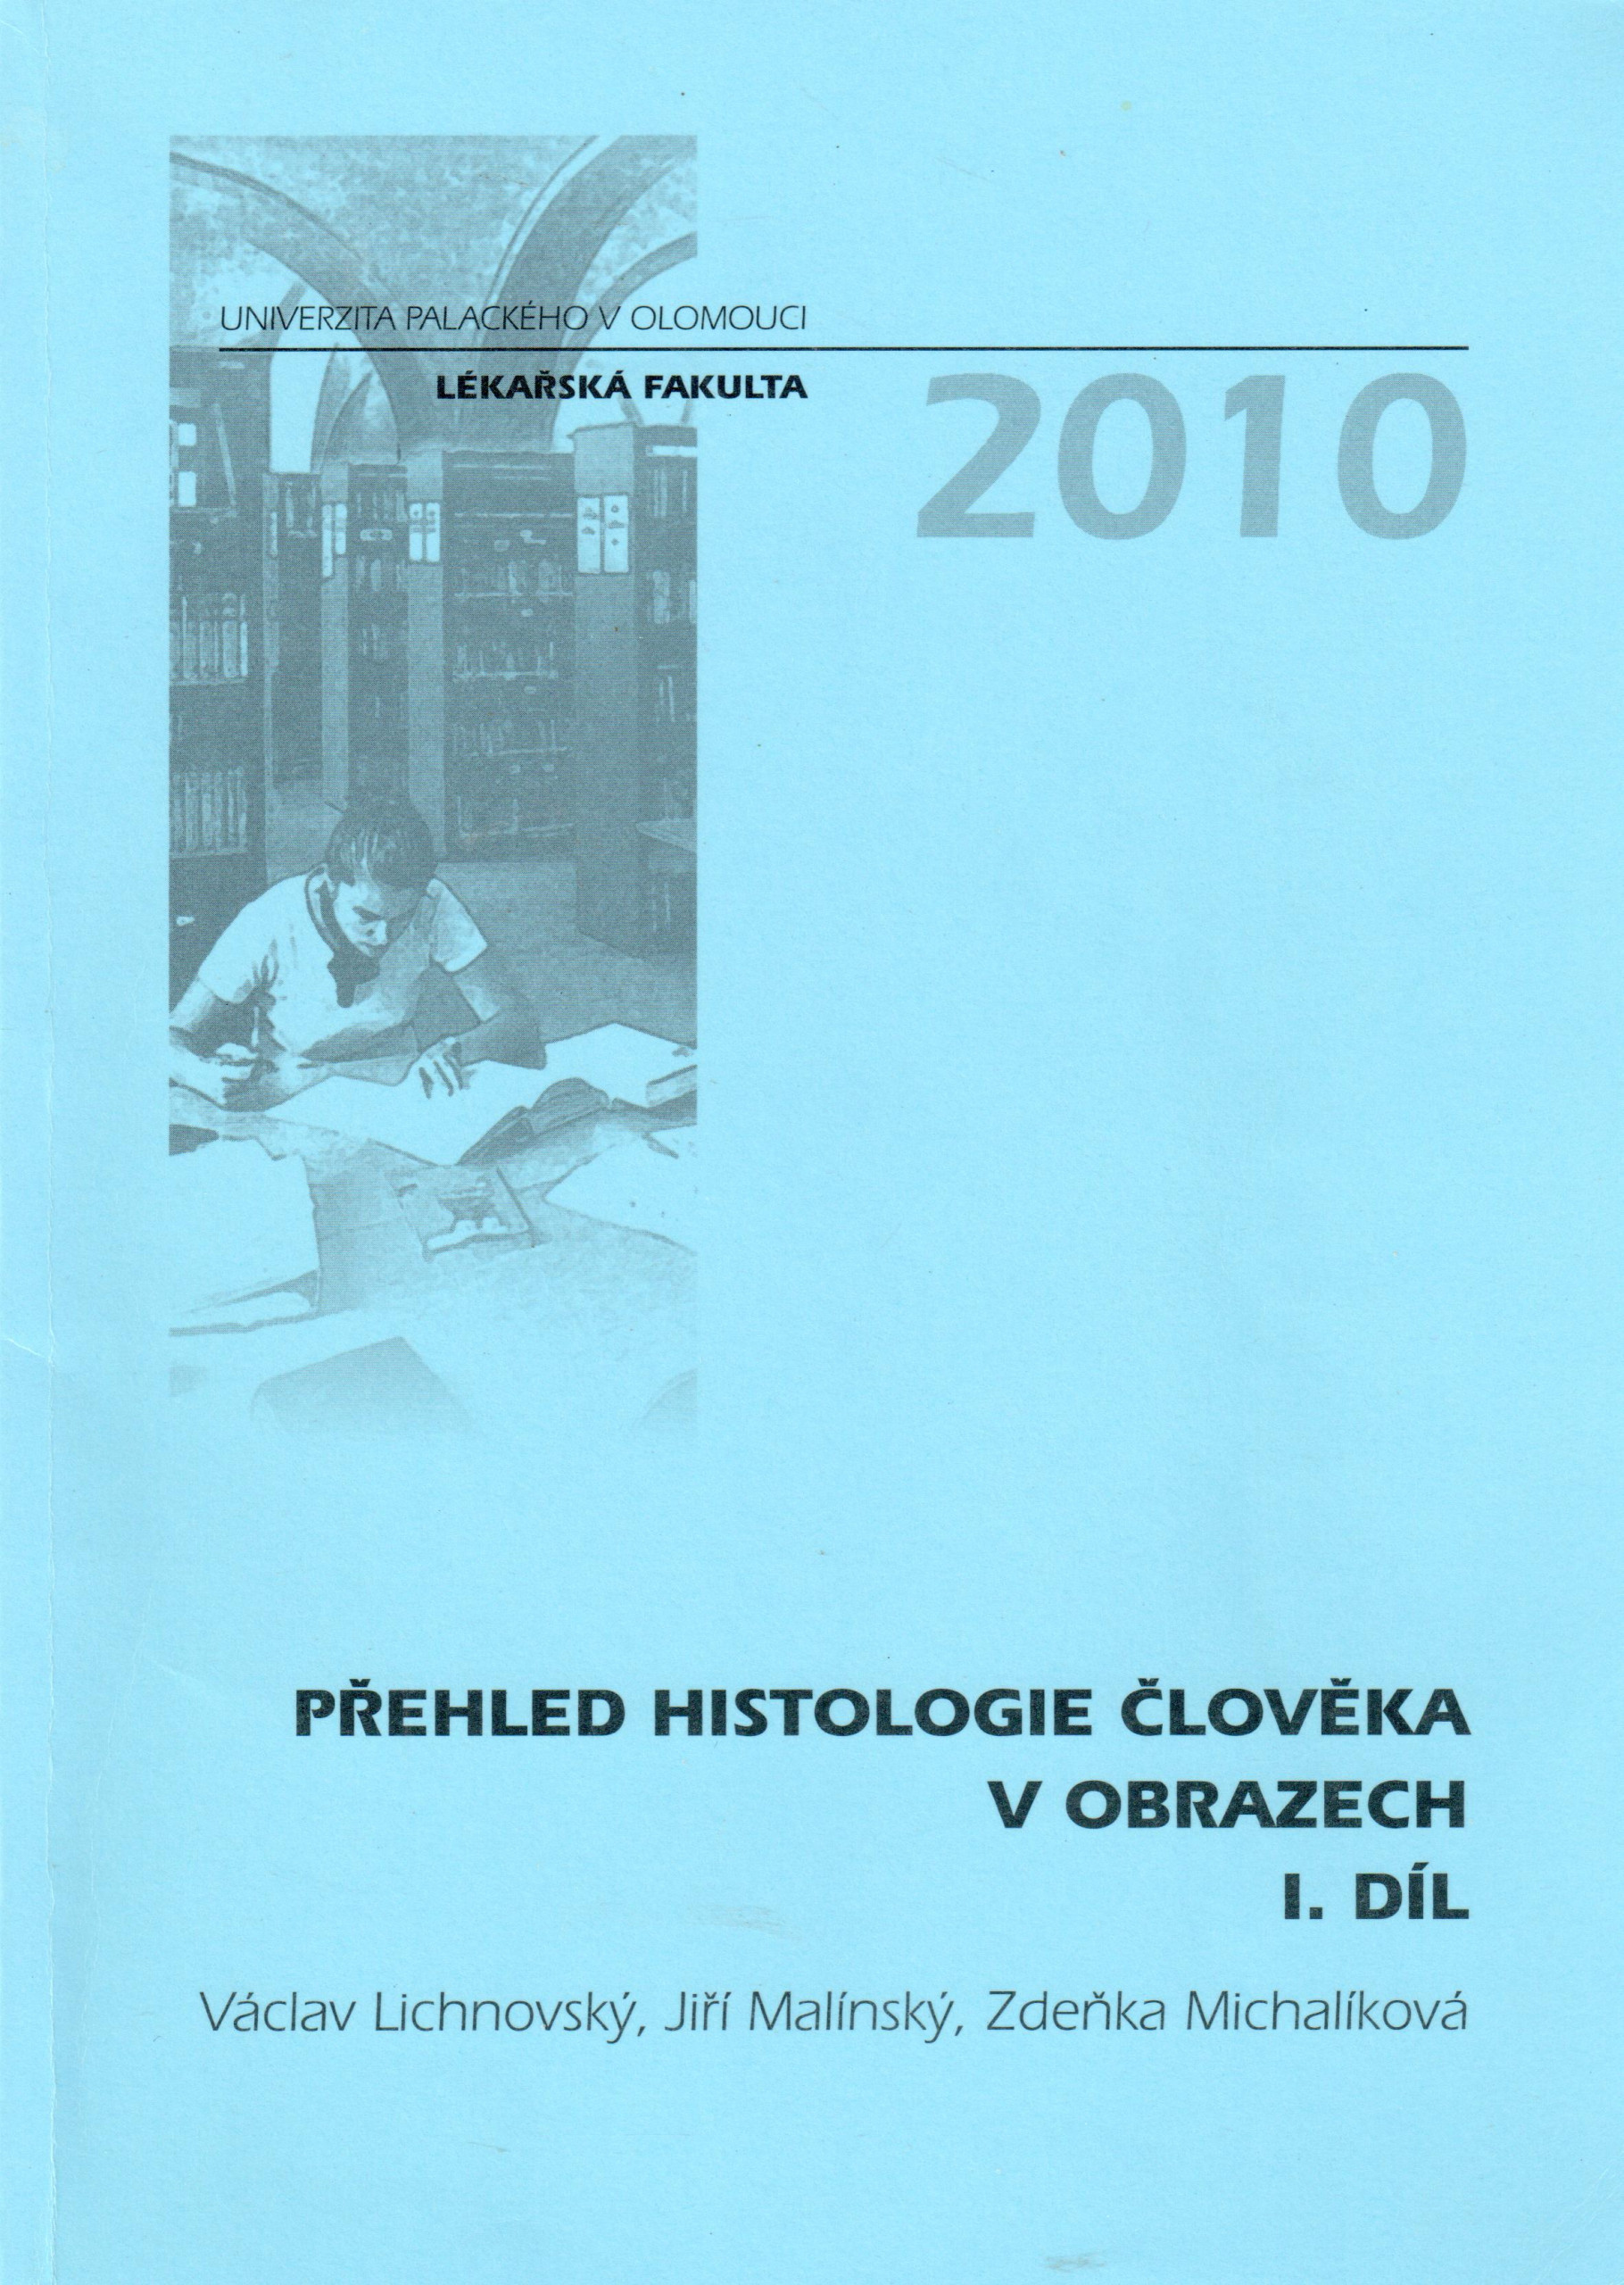 Přehled histologie člověka v obrazech: díl. 2007. 153 s - Náhled učebnice